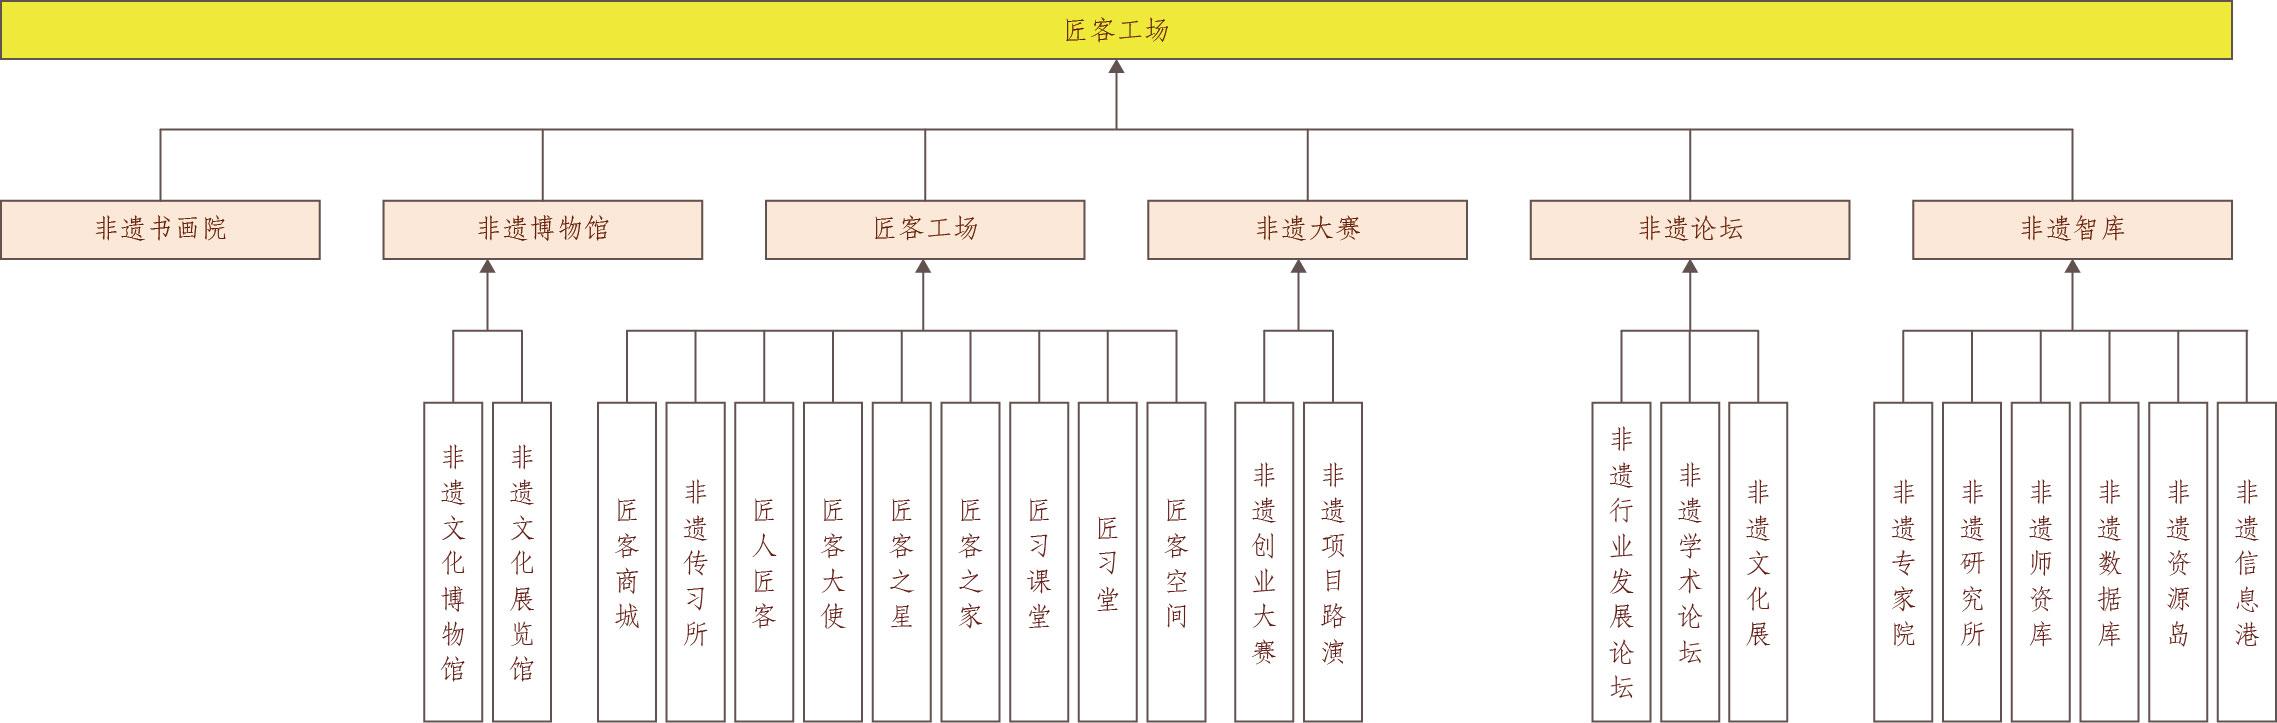 壹. 匠客工场品牌结构图-21.jpg